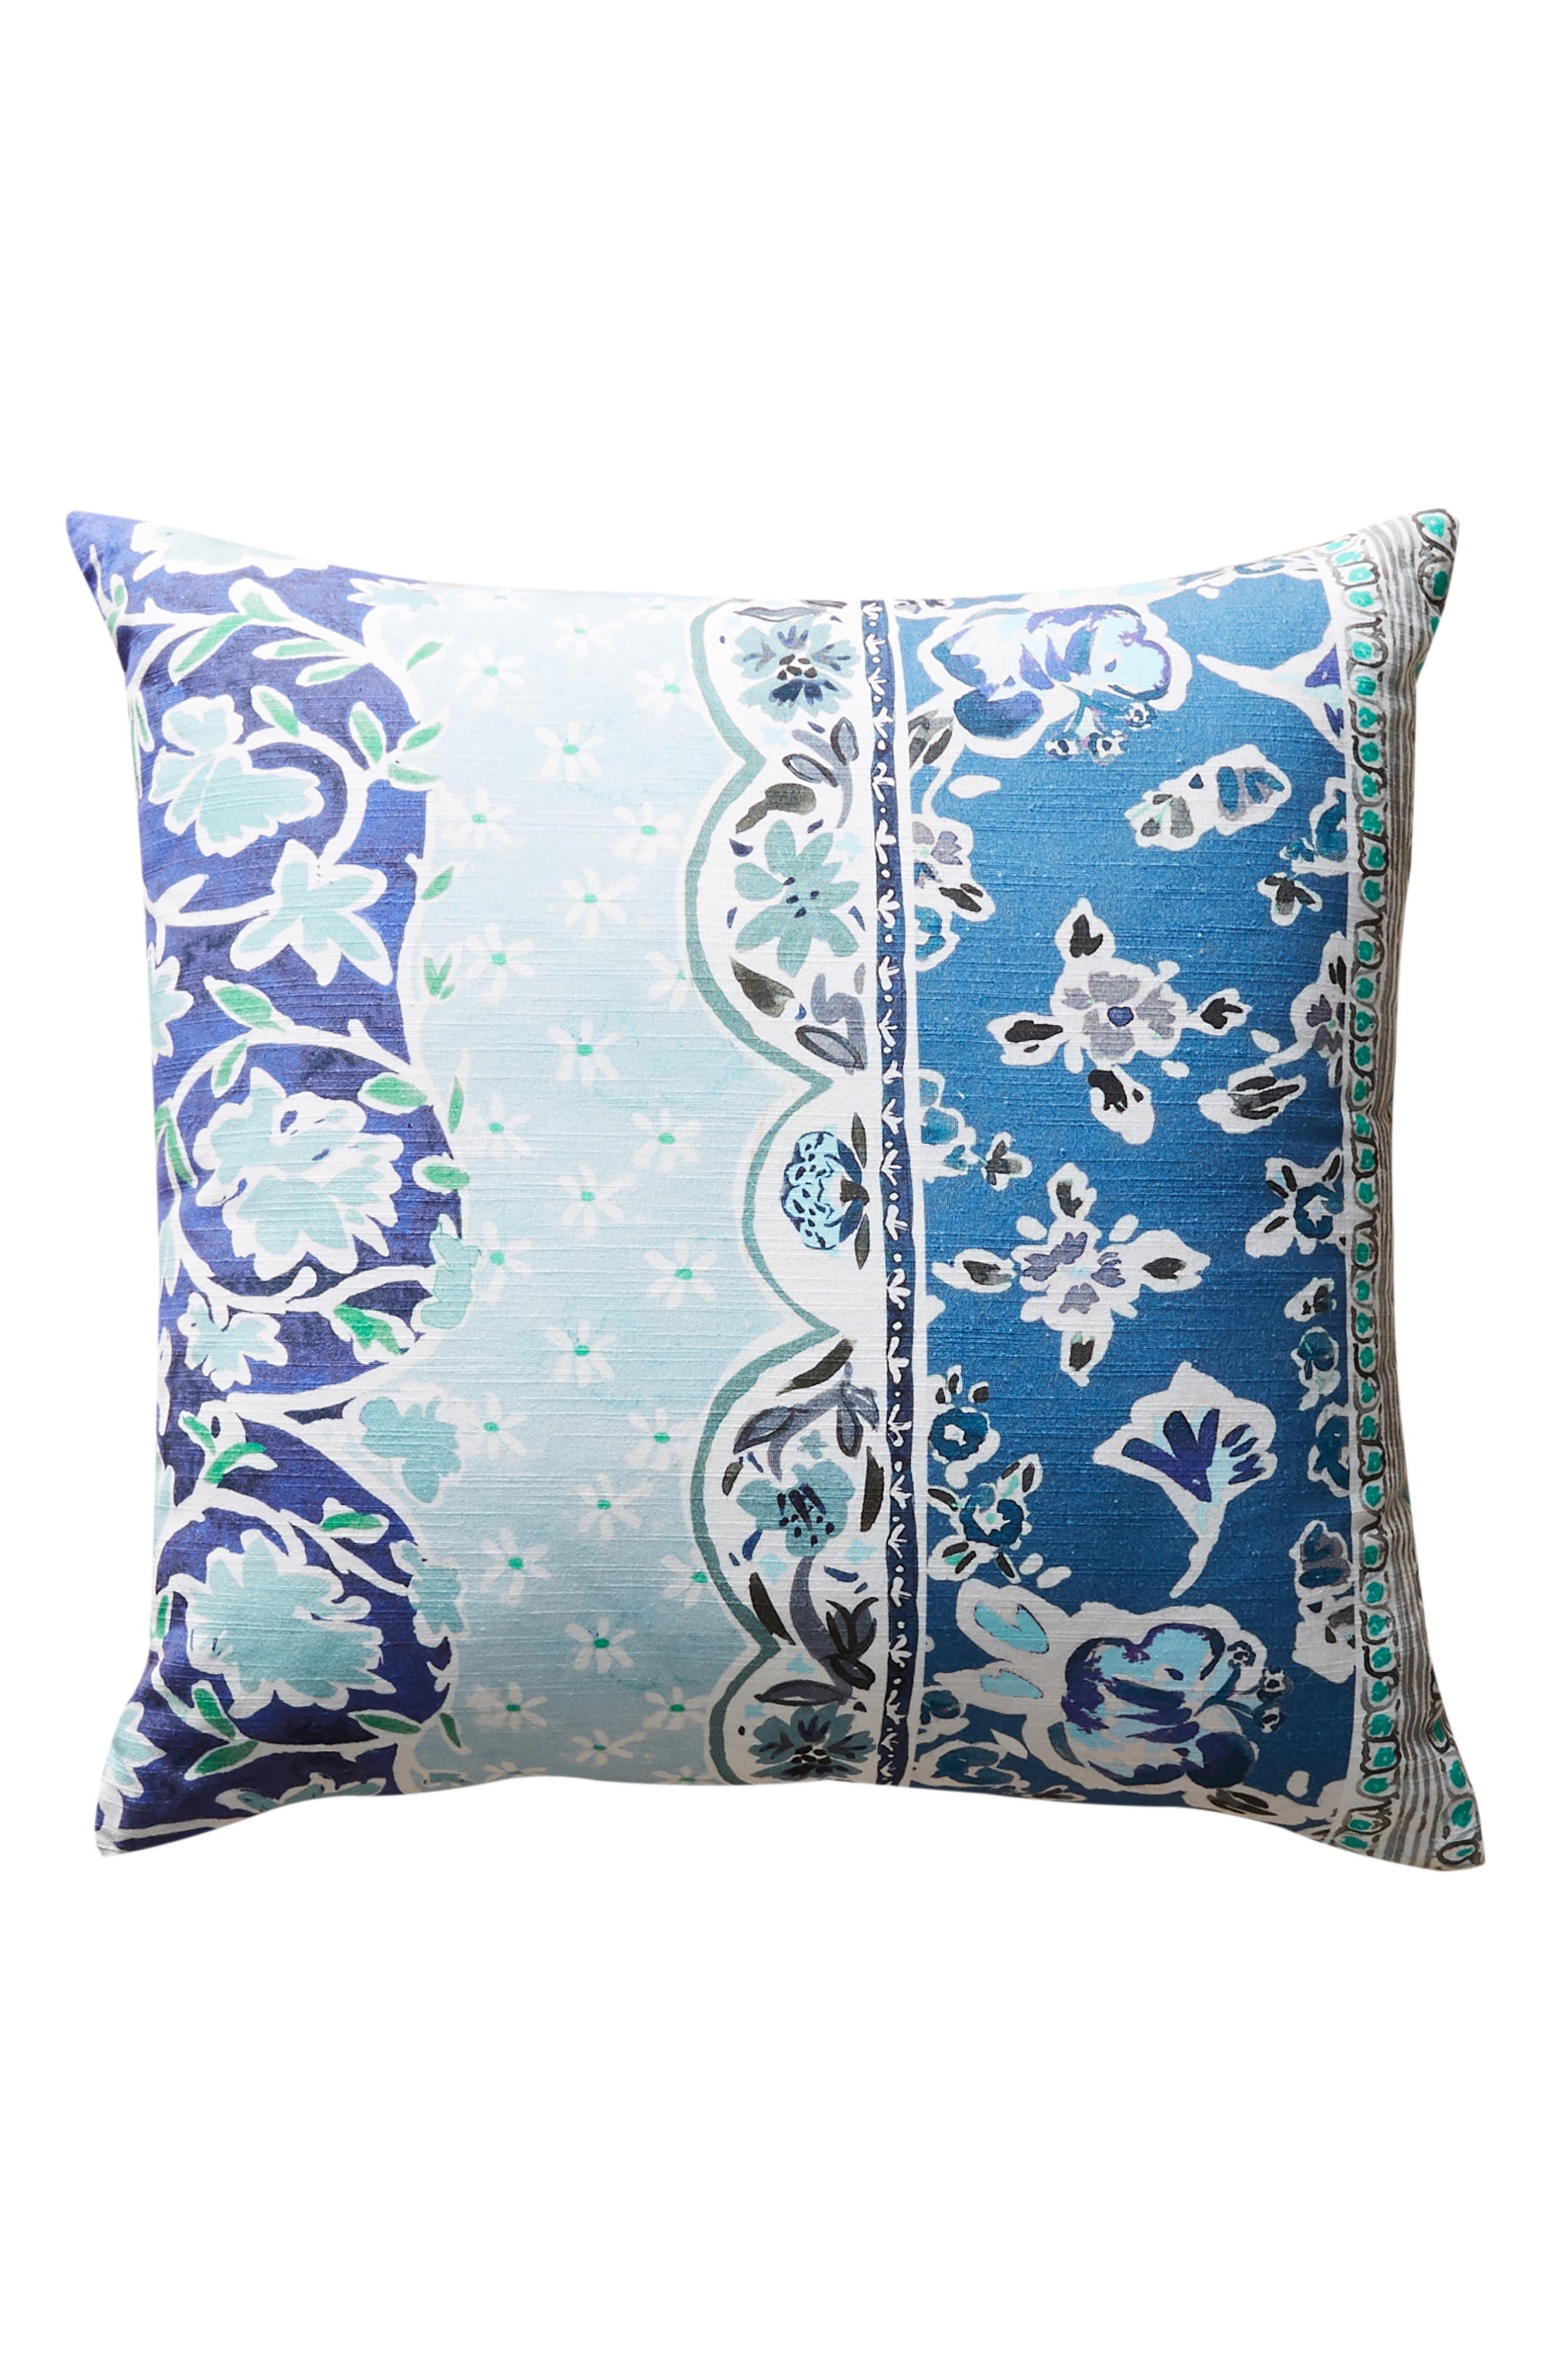 Aurora Accent Pillow,                             Alternate thumbnail 4, color,                             400